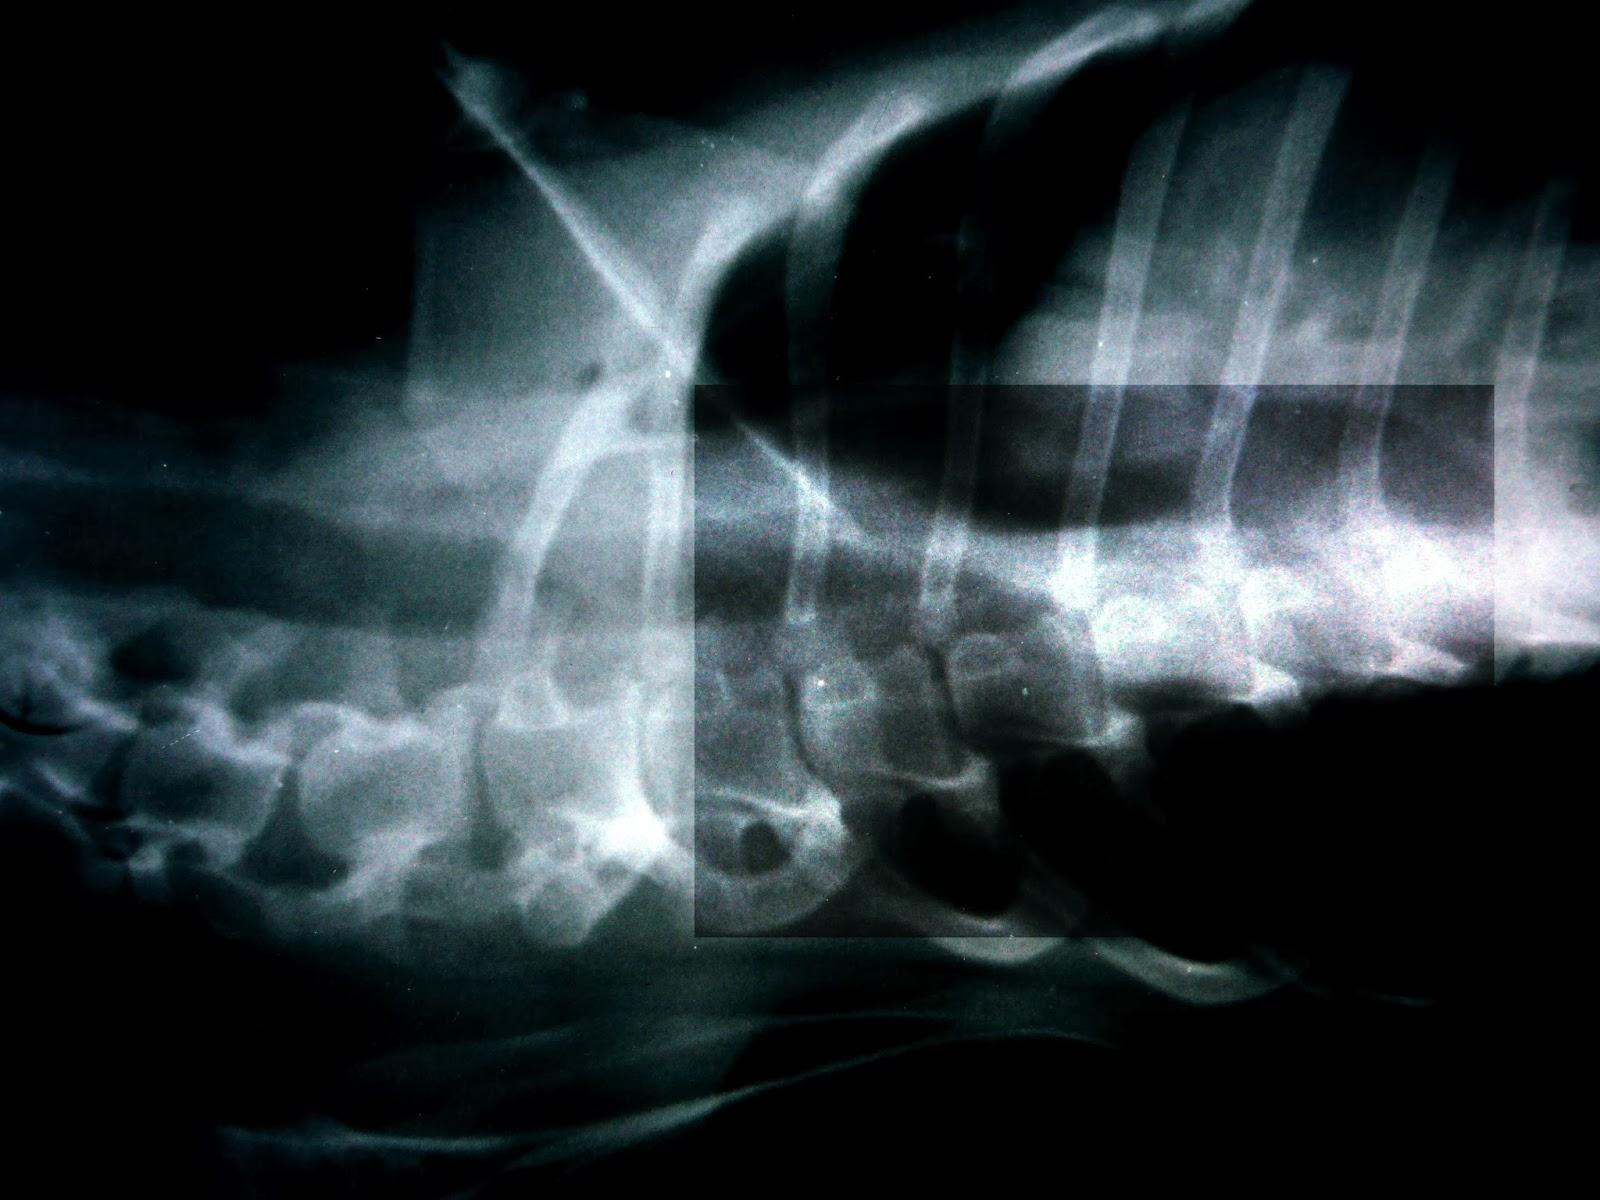 diagnostico radiologico